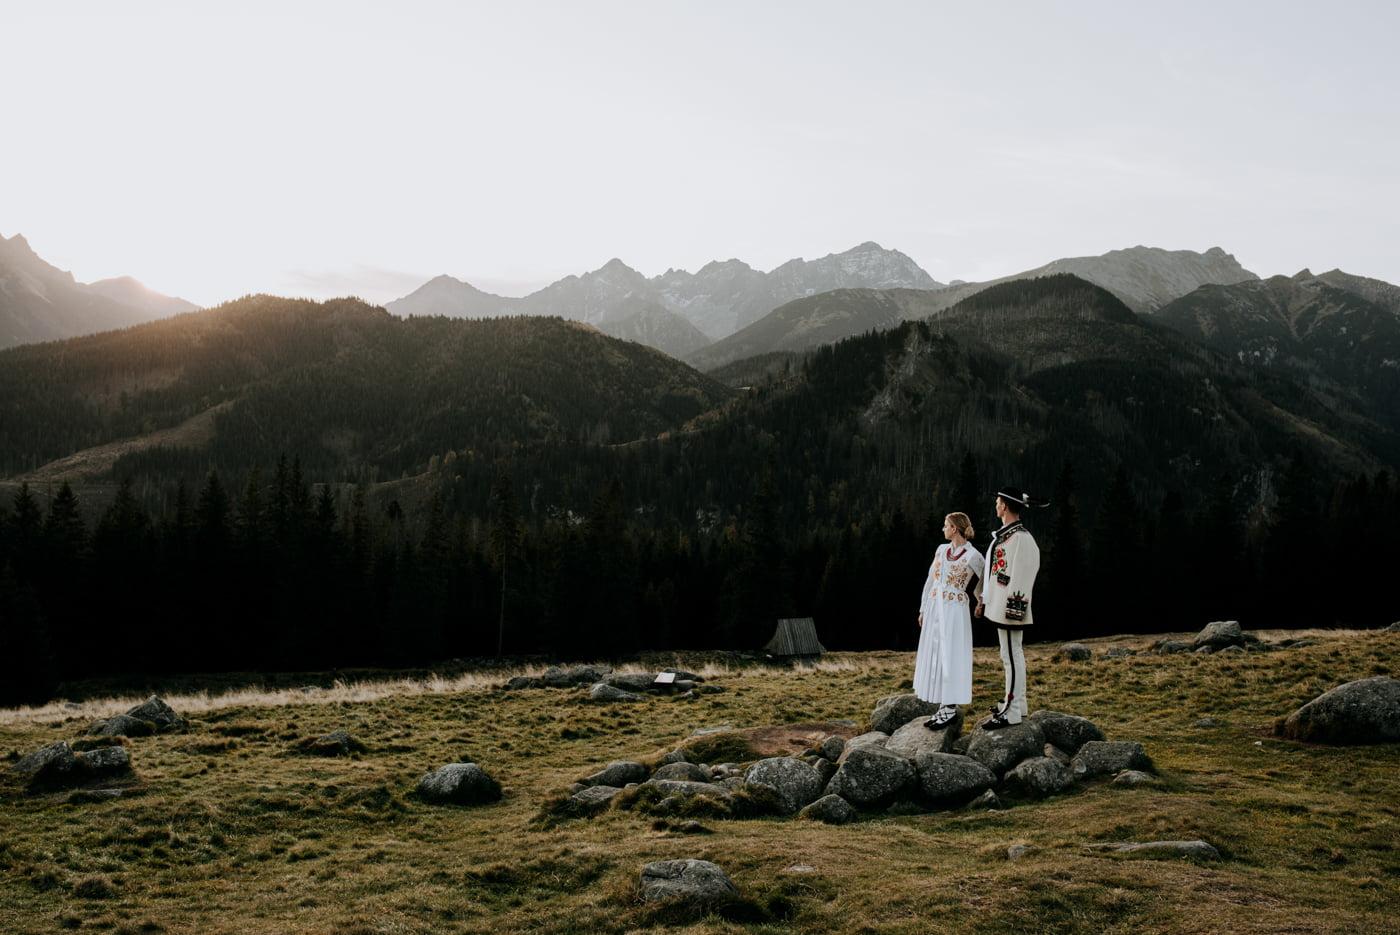 Sesja ślubna w Tatrach - Tradycyjnie 5